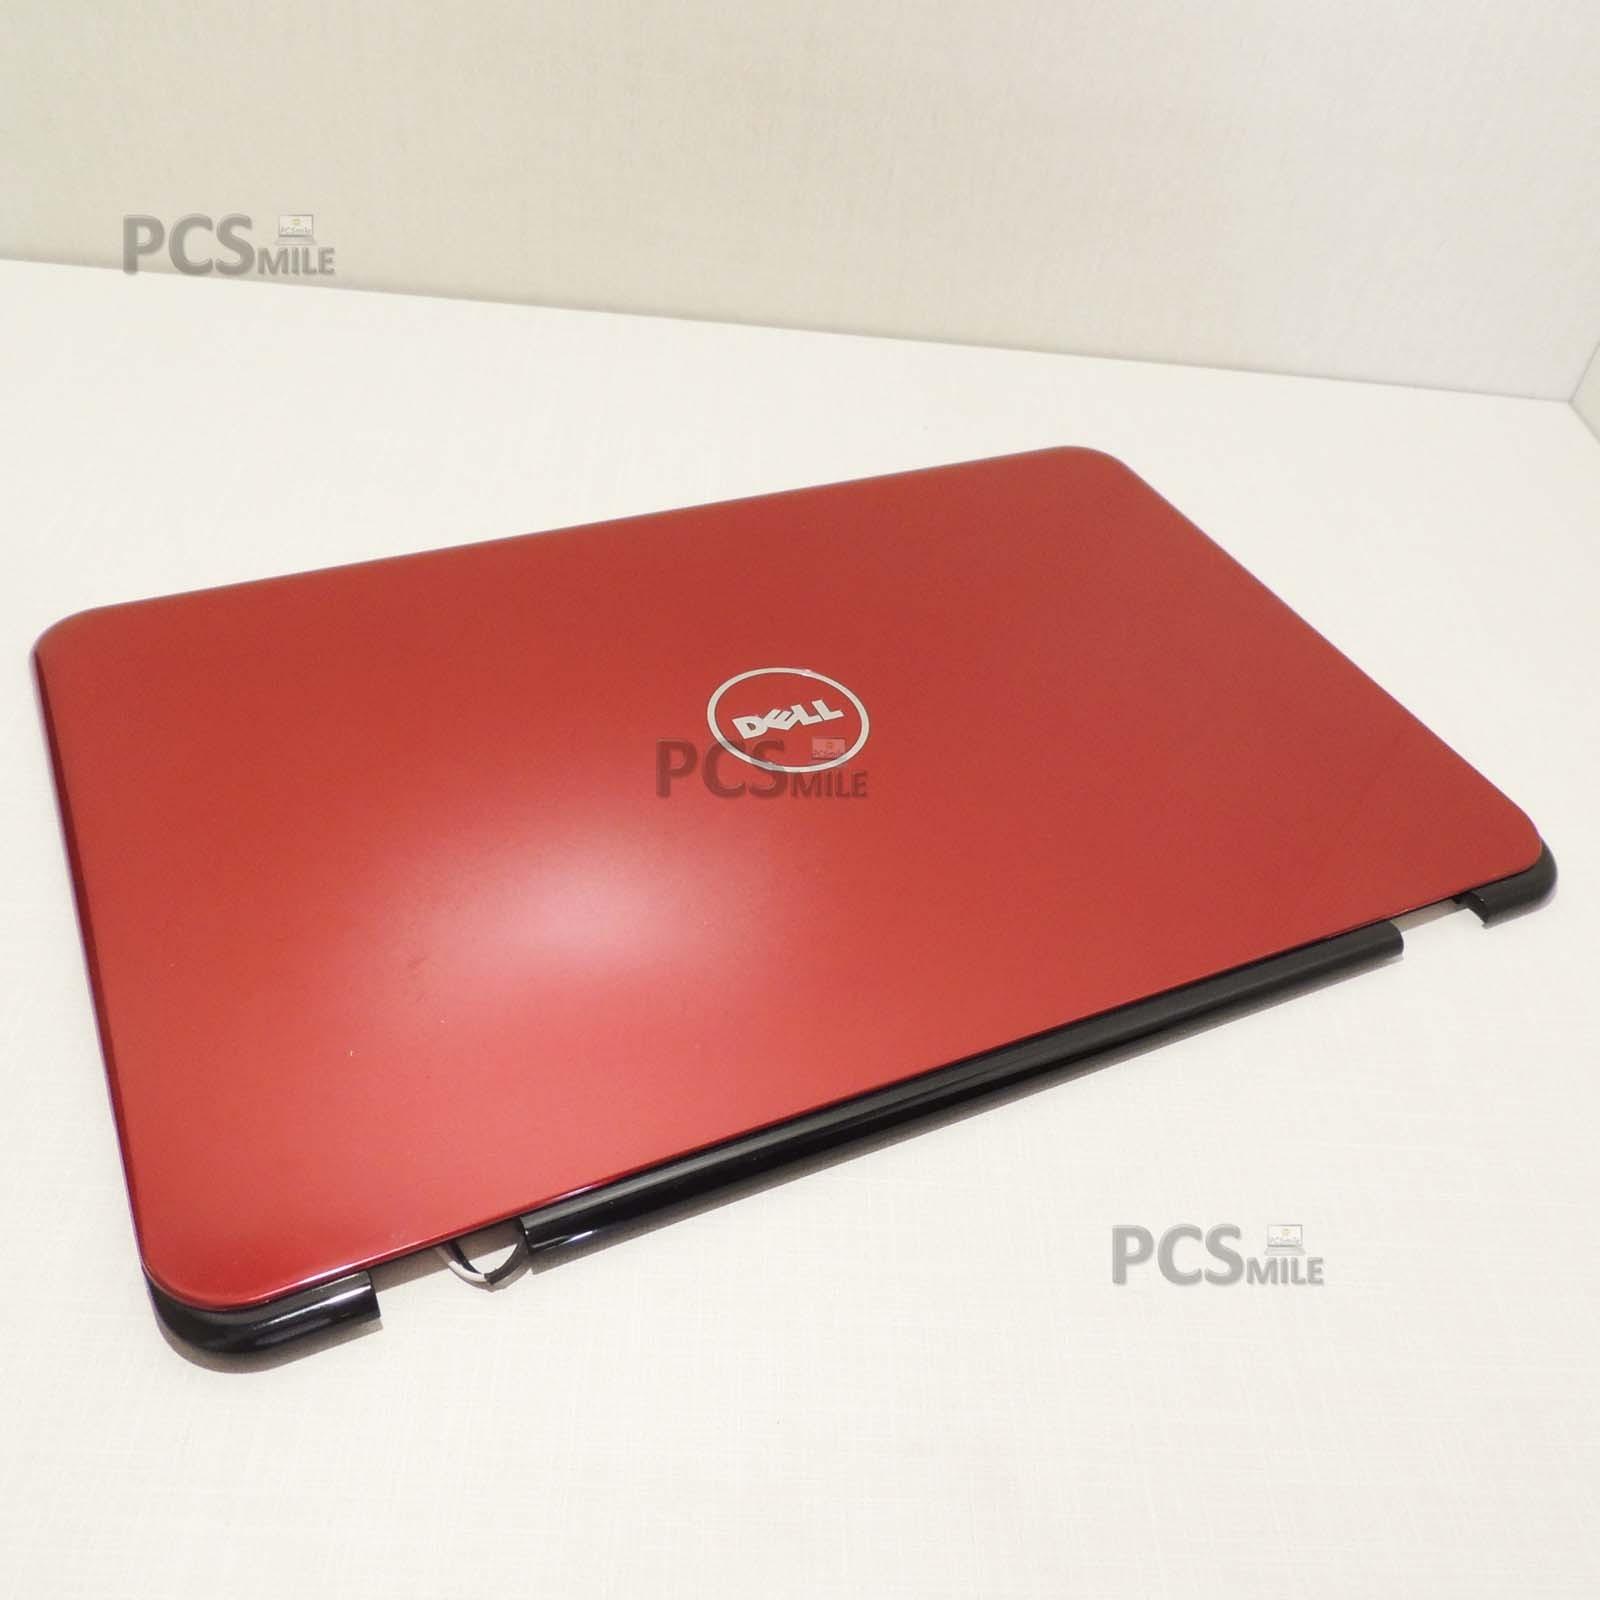 Scocca posteriore LCD Dell Inspiron 15R N5010 60.4HH32.021 REV: A01 rossa